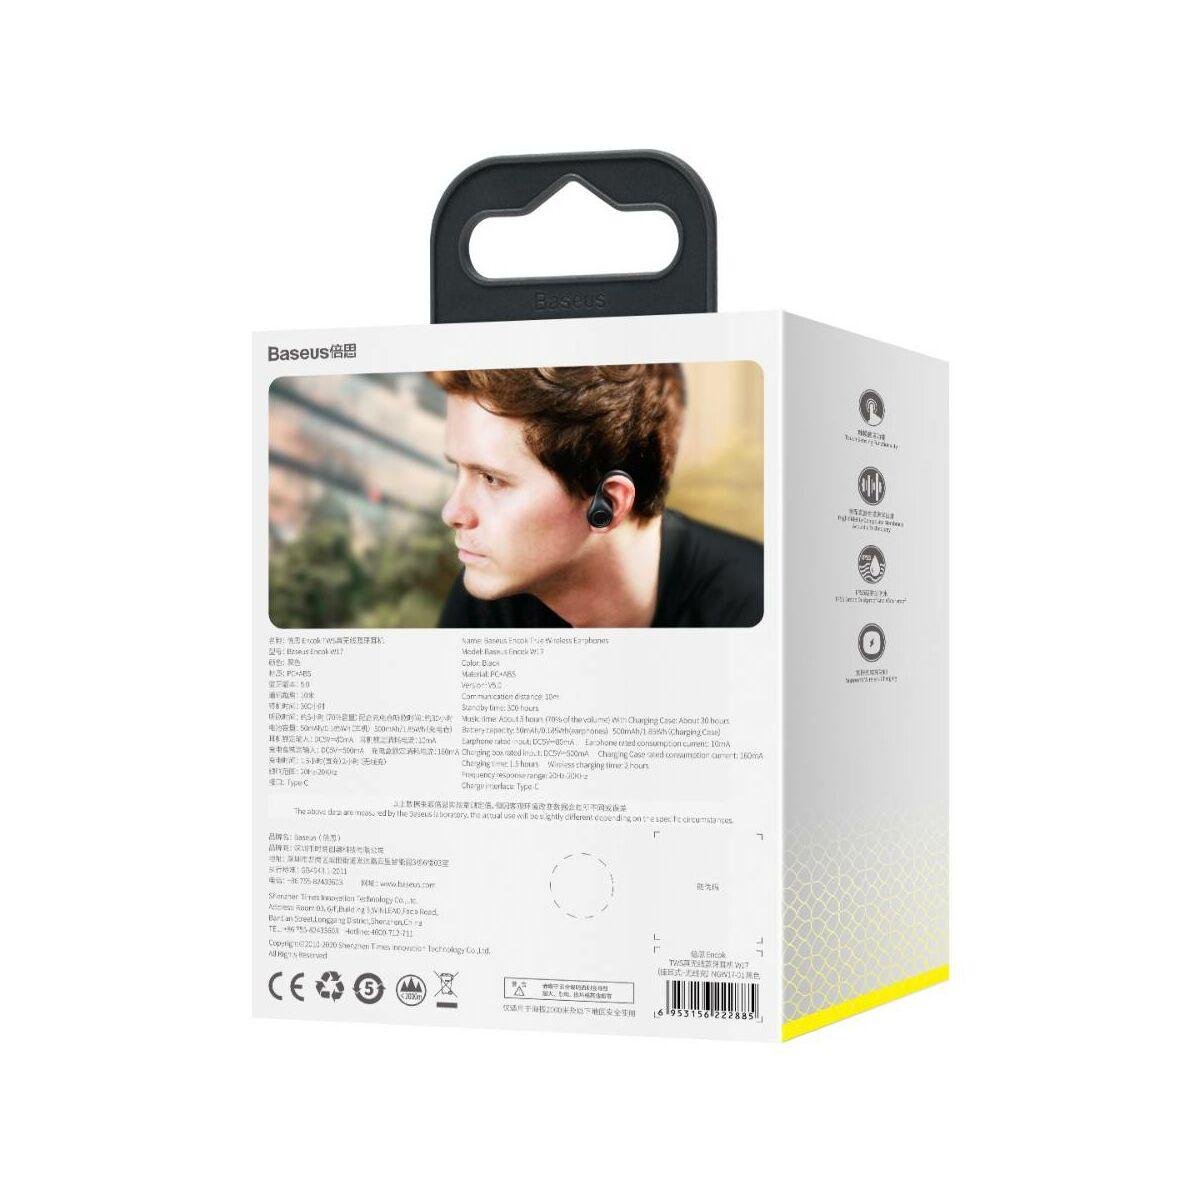 Baseus fülhallgató, Bluetooth Encok W17 True Wireless, vezeték nélküli, BT 5.0 TWS, 20-20kHz tartomány, akár 30 óra zene, fekete (NGW17-01)